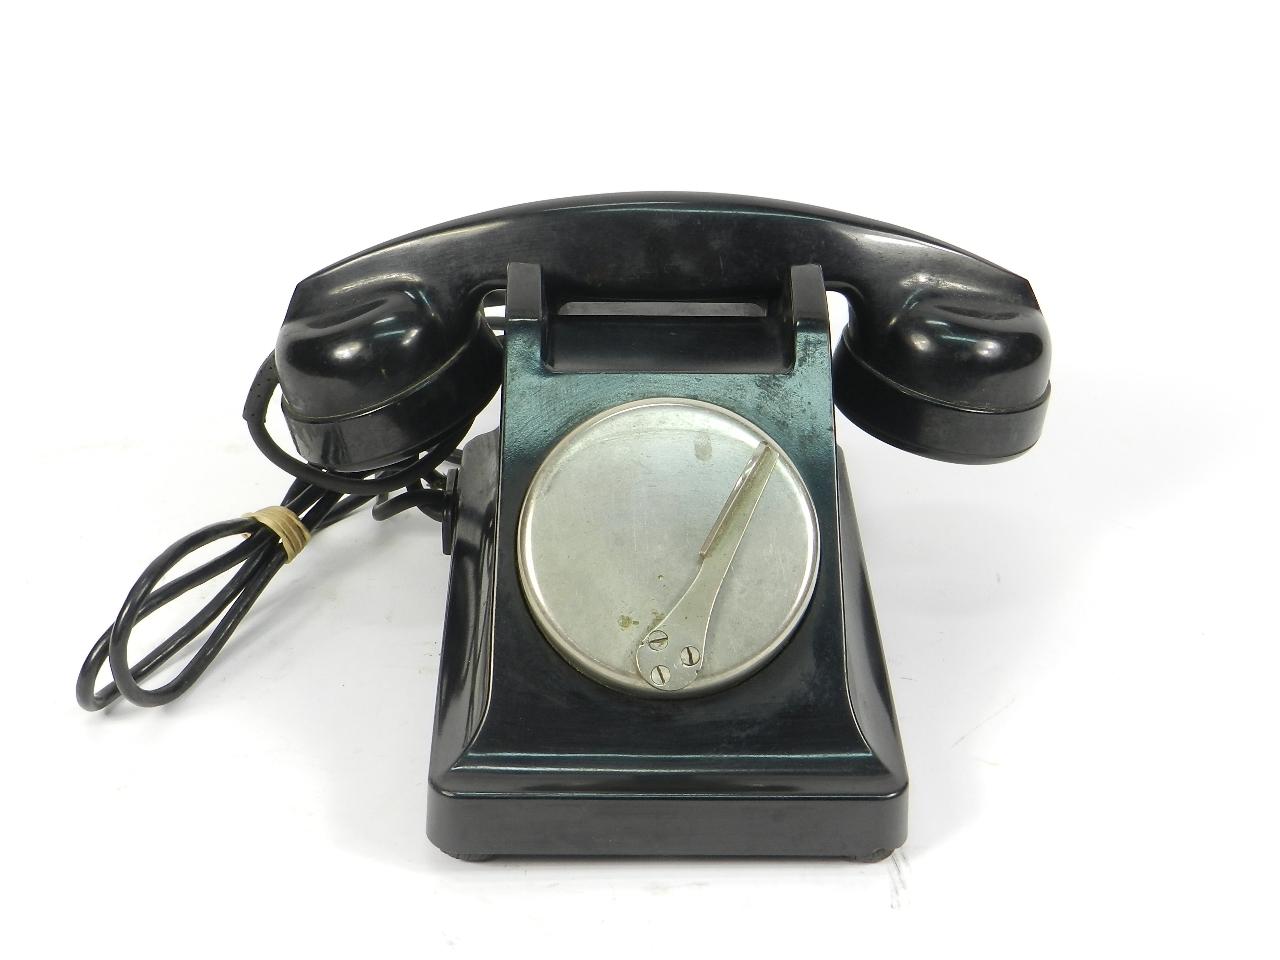 Imagen TELEFONO P.T.T ERICSSON AÑO 1940 41436